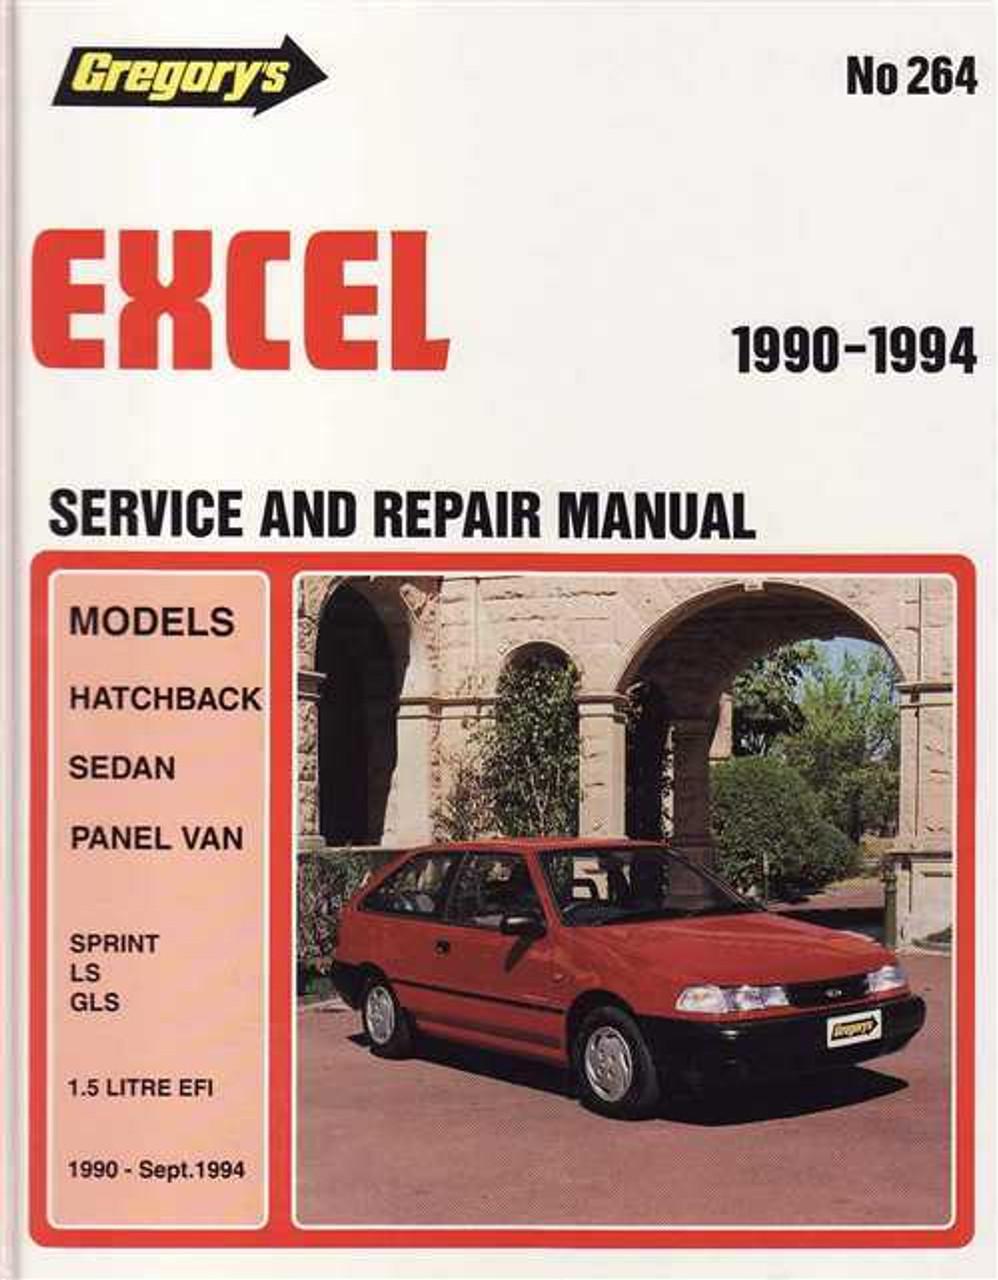 hyundai excel 1990 1994 workshop manual rh automotobookshop com au 1996 hyundai accent owners manual 1987 Hyundai Excel